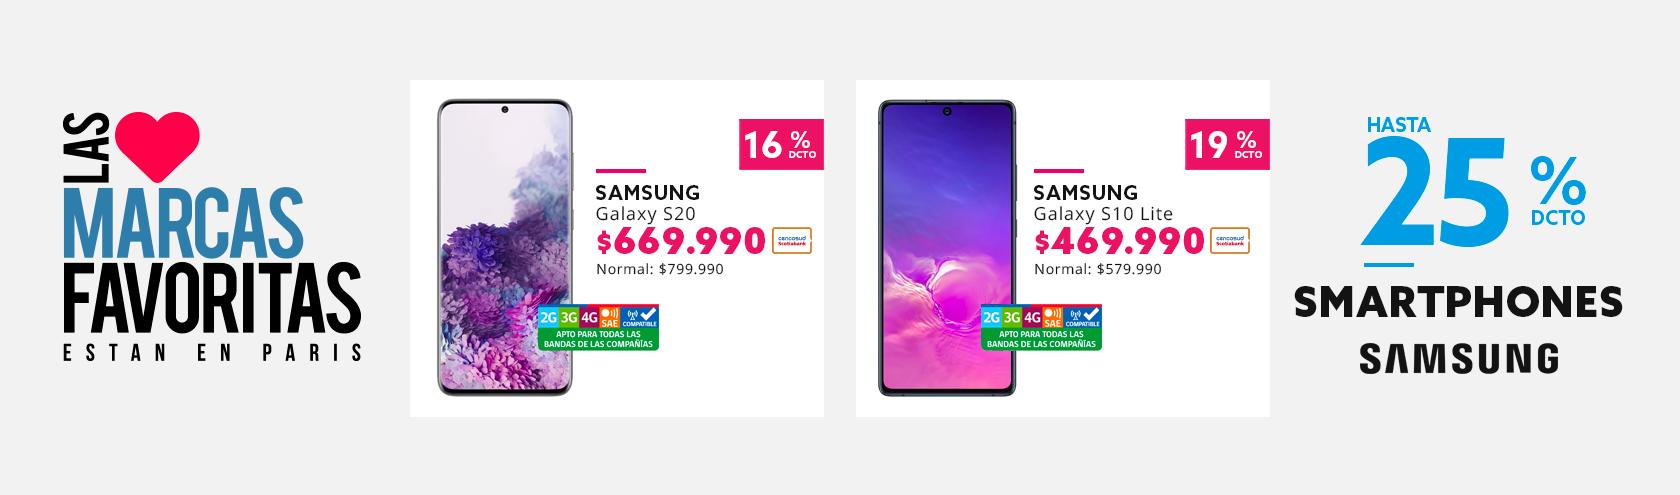 Hasta 25% de descuento en Celulares Samsung con Tarjeta Cencosud